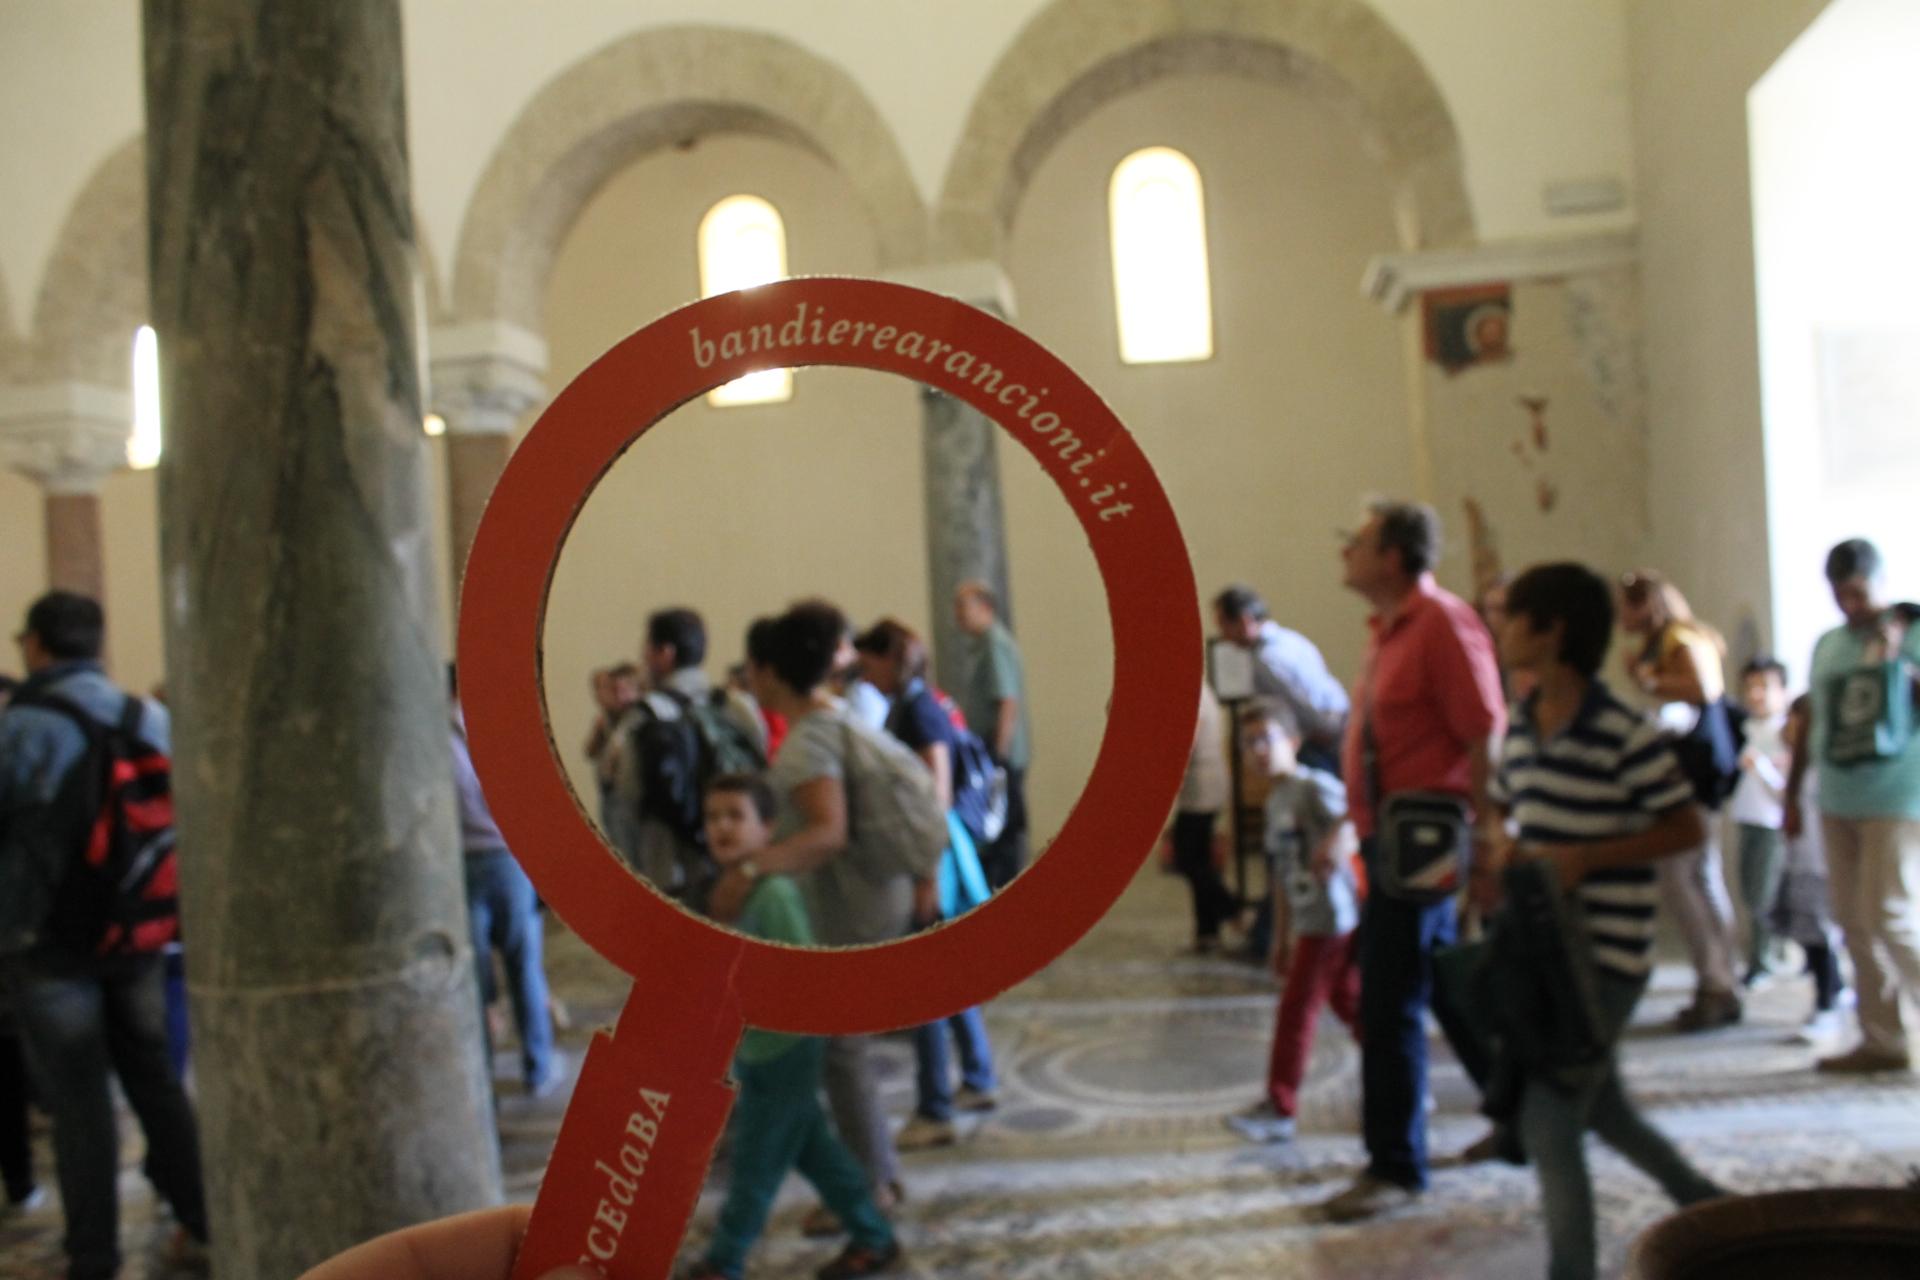 Sant'Agata | Giornata Bandiere Arancioni ecco il programma.